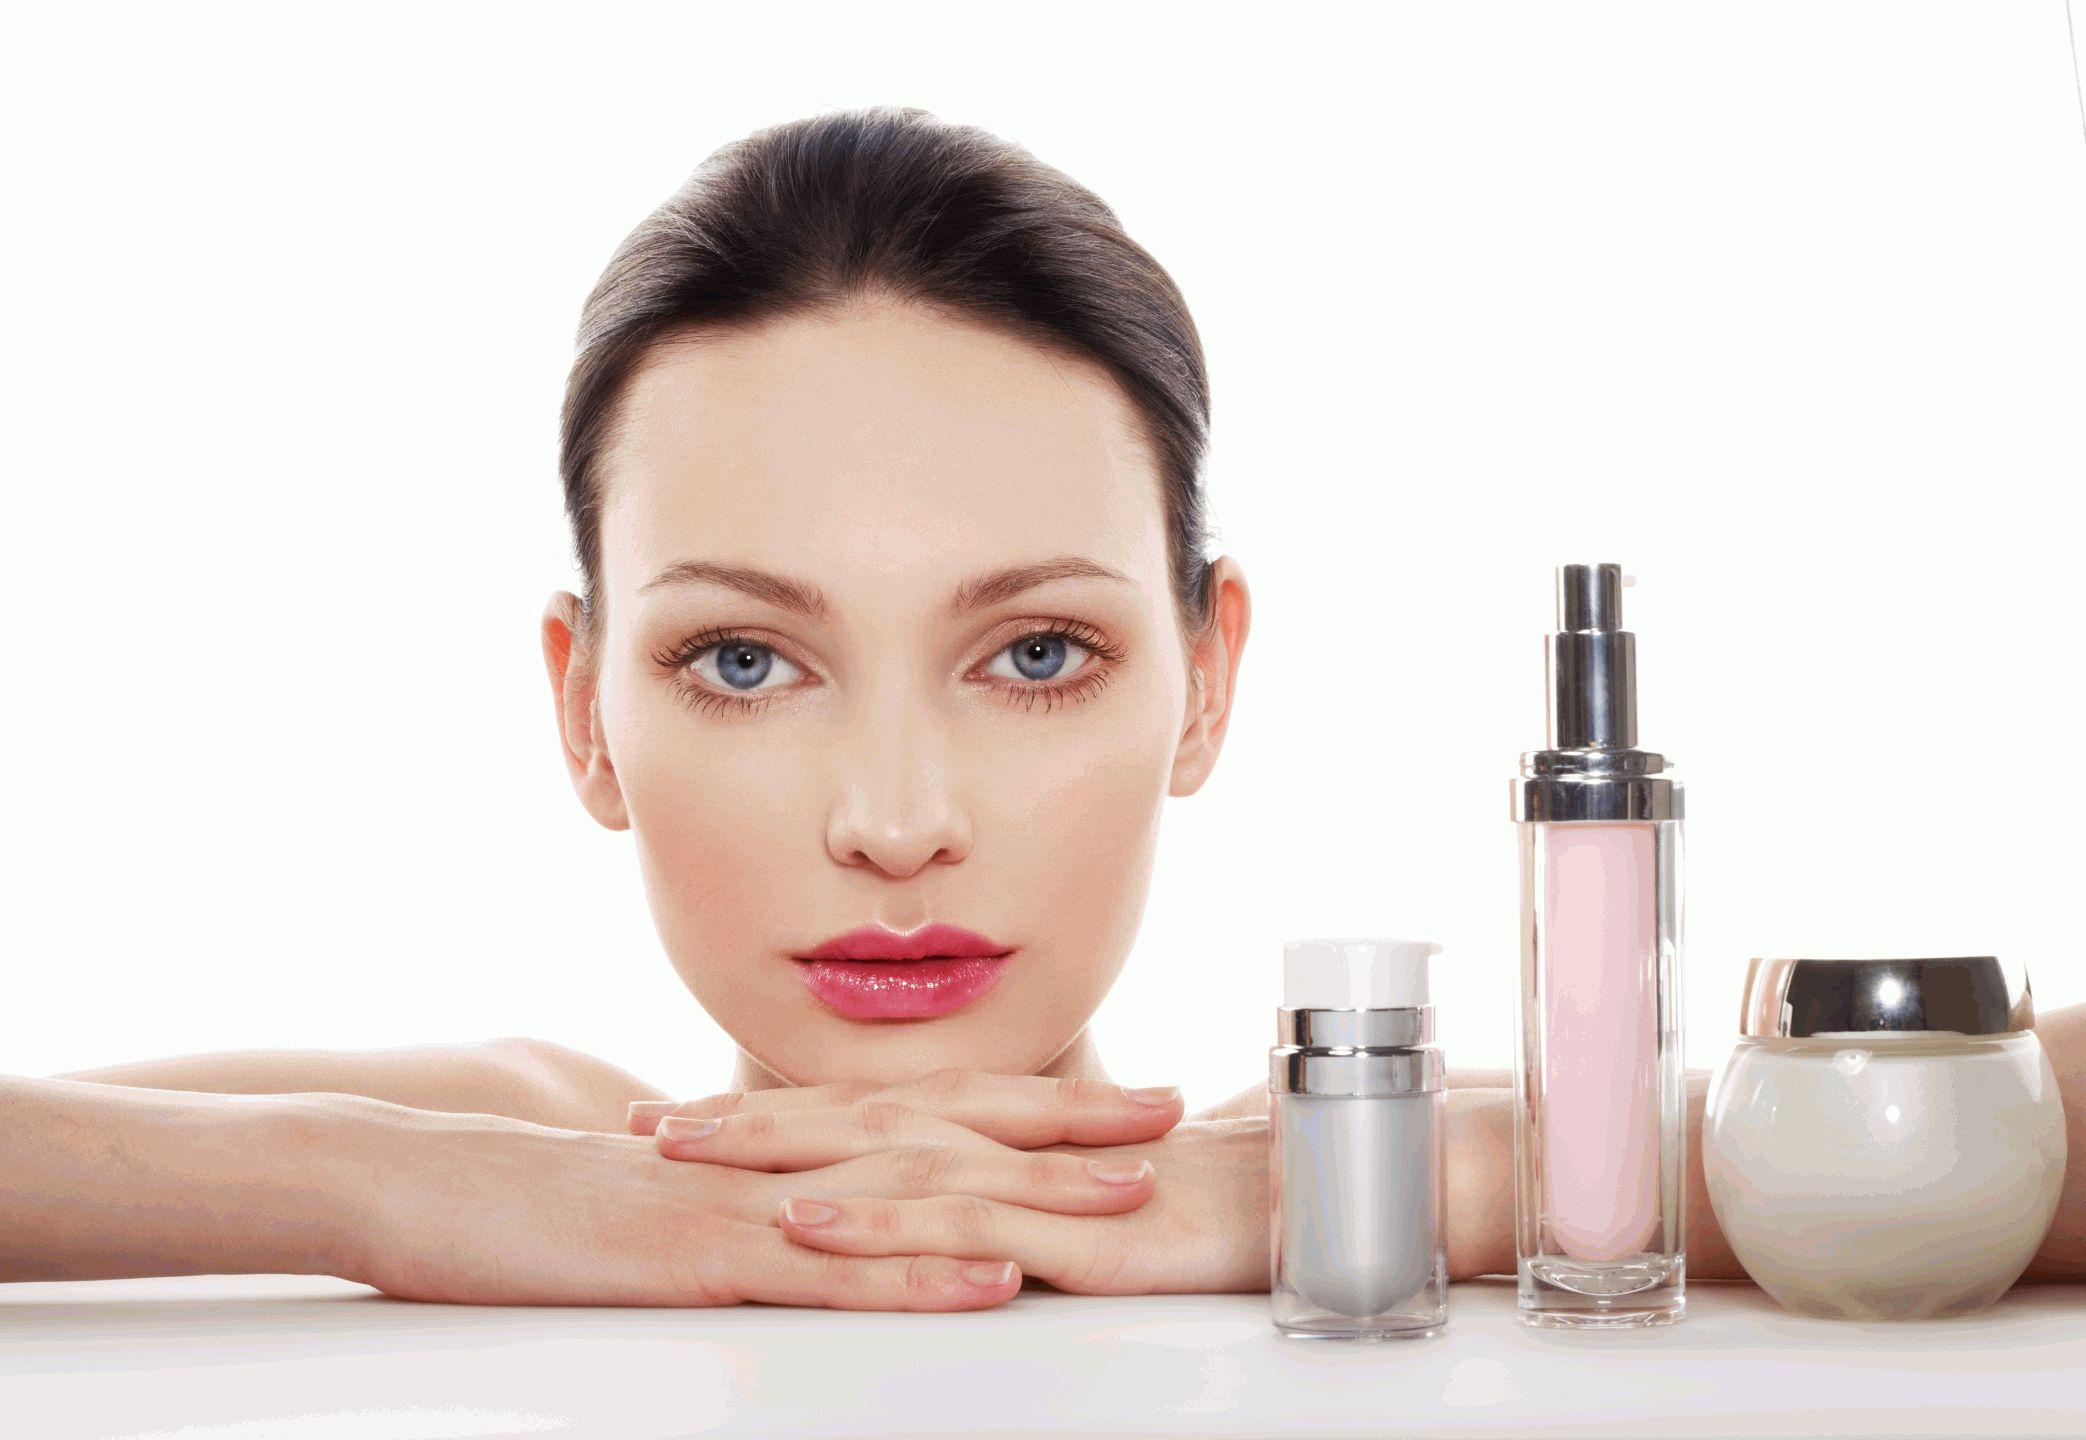 Уход за кожей лица с двадцати пяти лет